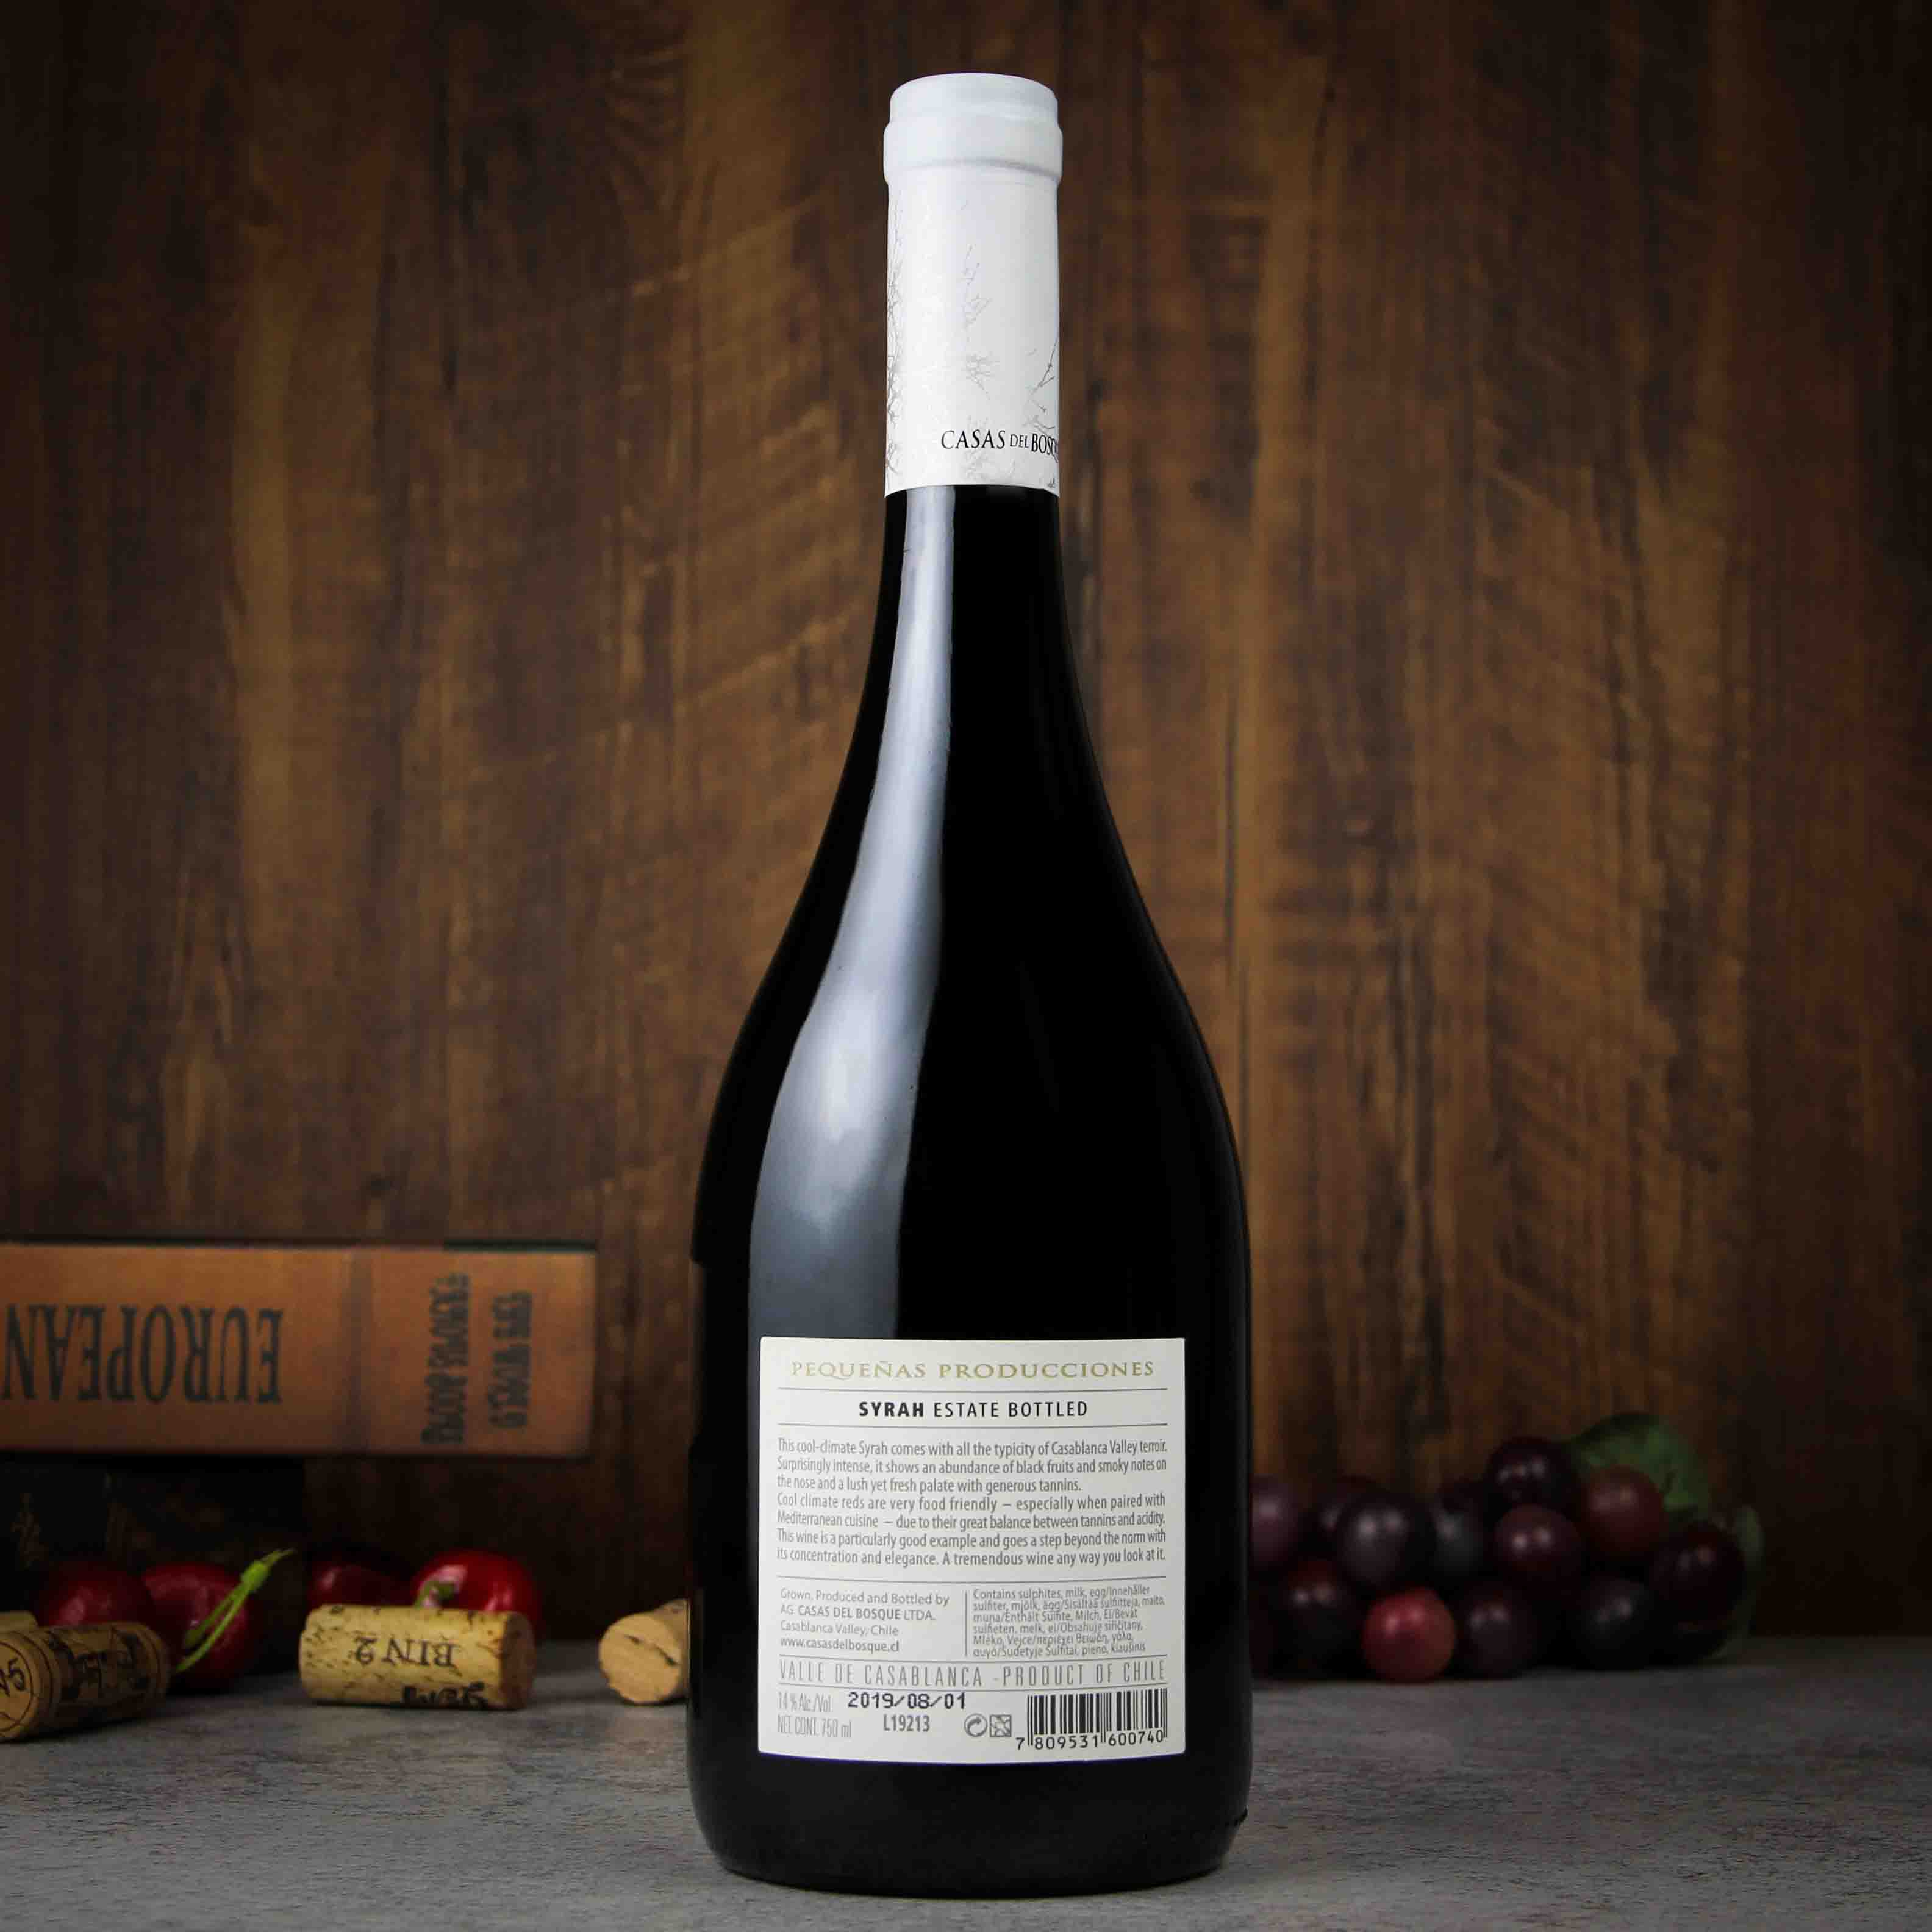 智利卡萨布兰谷卡萨伯斯克皮纳斯西拉红葡萄酒红酒